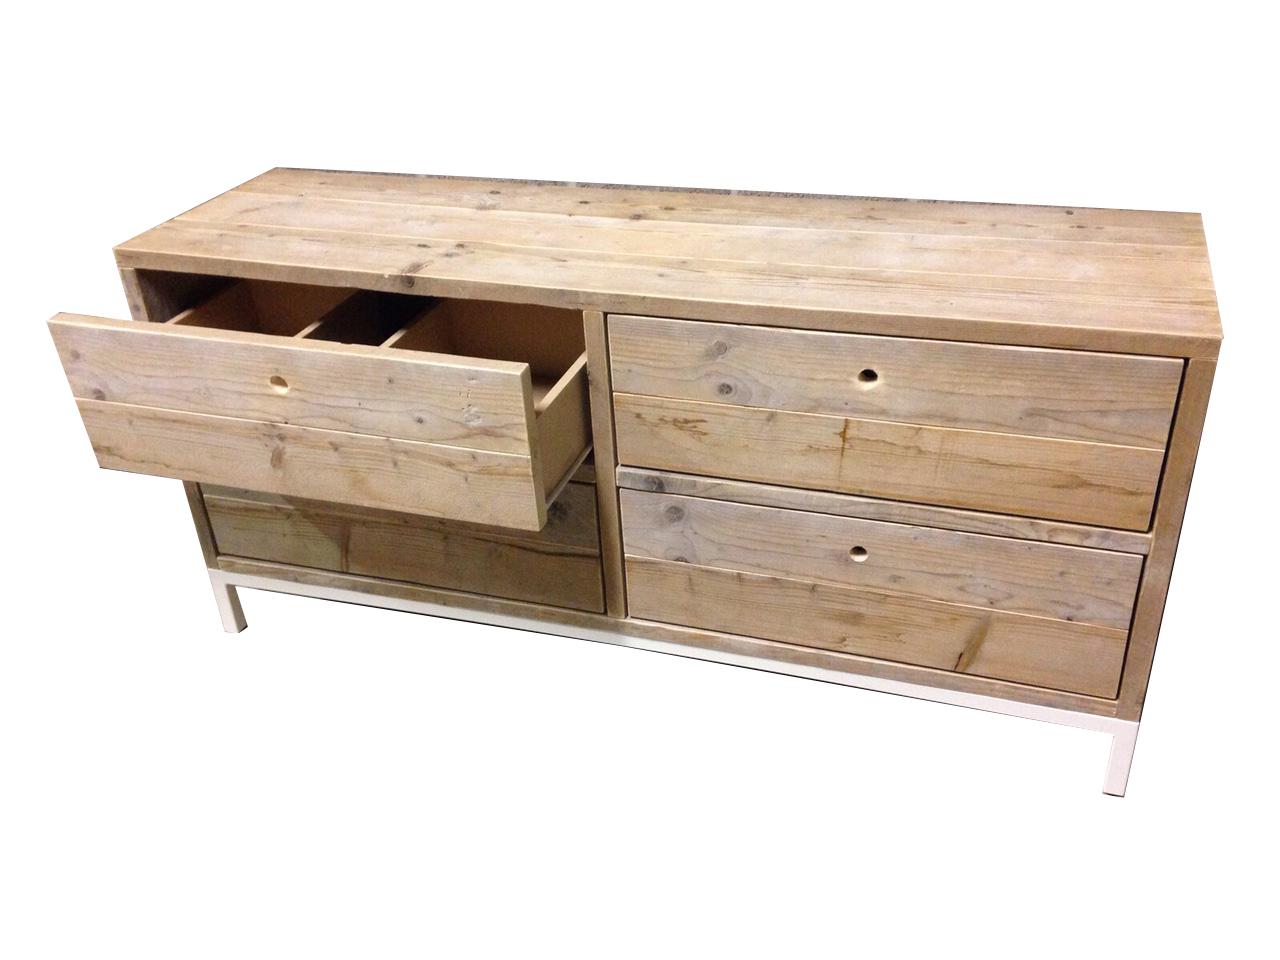 Tegelverf In De Badkamer ~ Badkamer Meubel Op Maat  Badkamer meubel op maat gemaakt met een